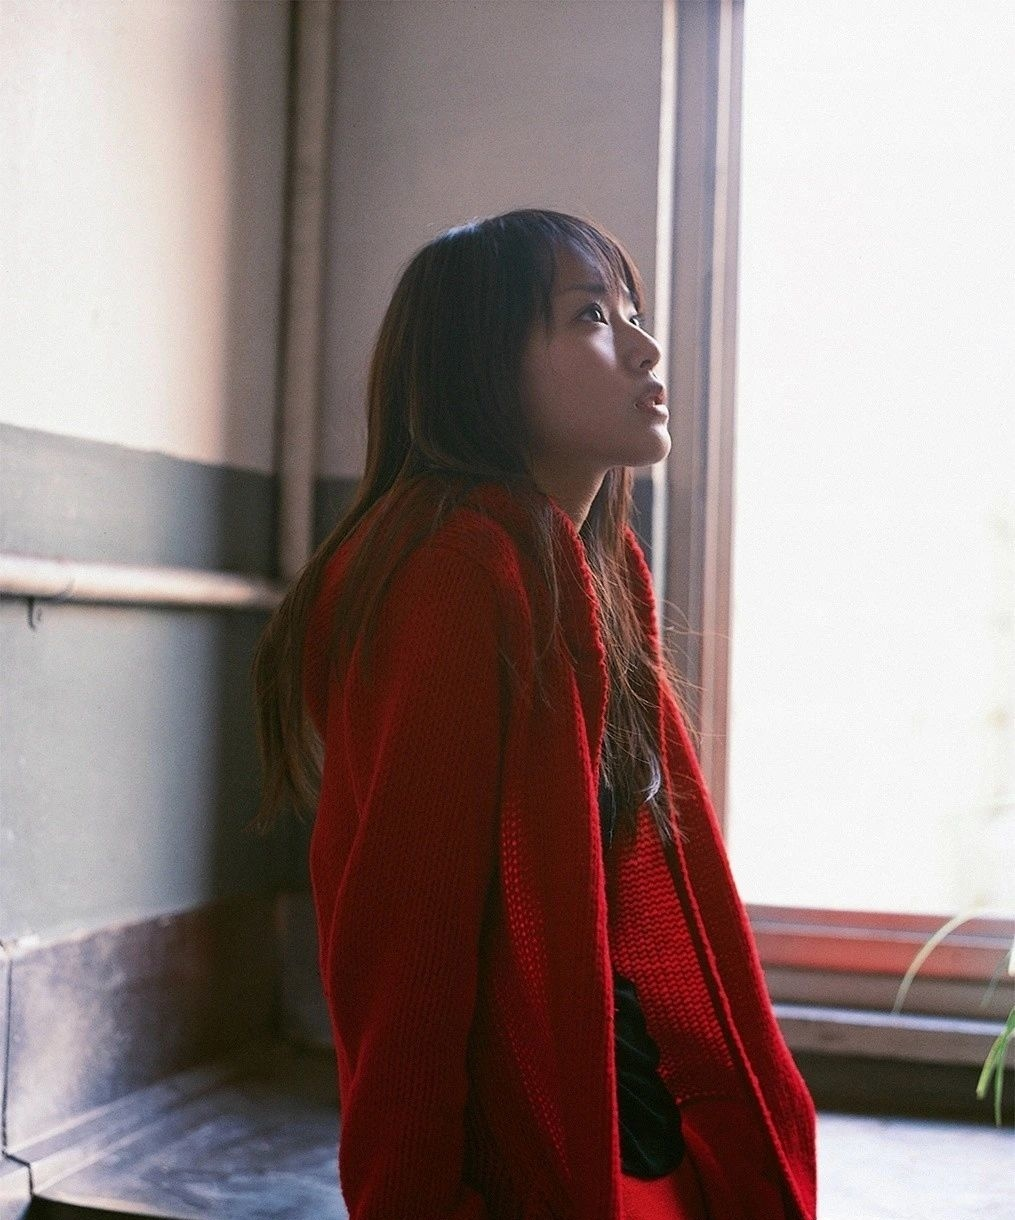 美的不可方物少女时代的户田惠梨香写真作品 (16)